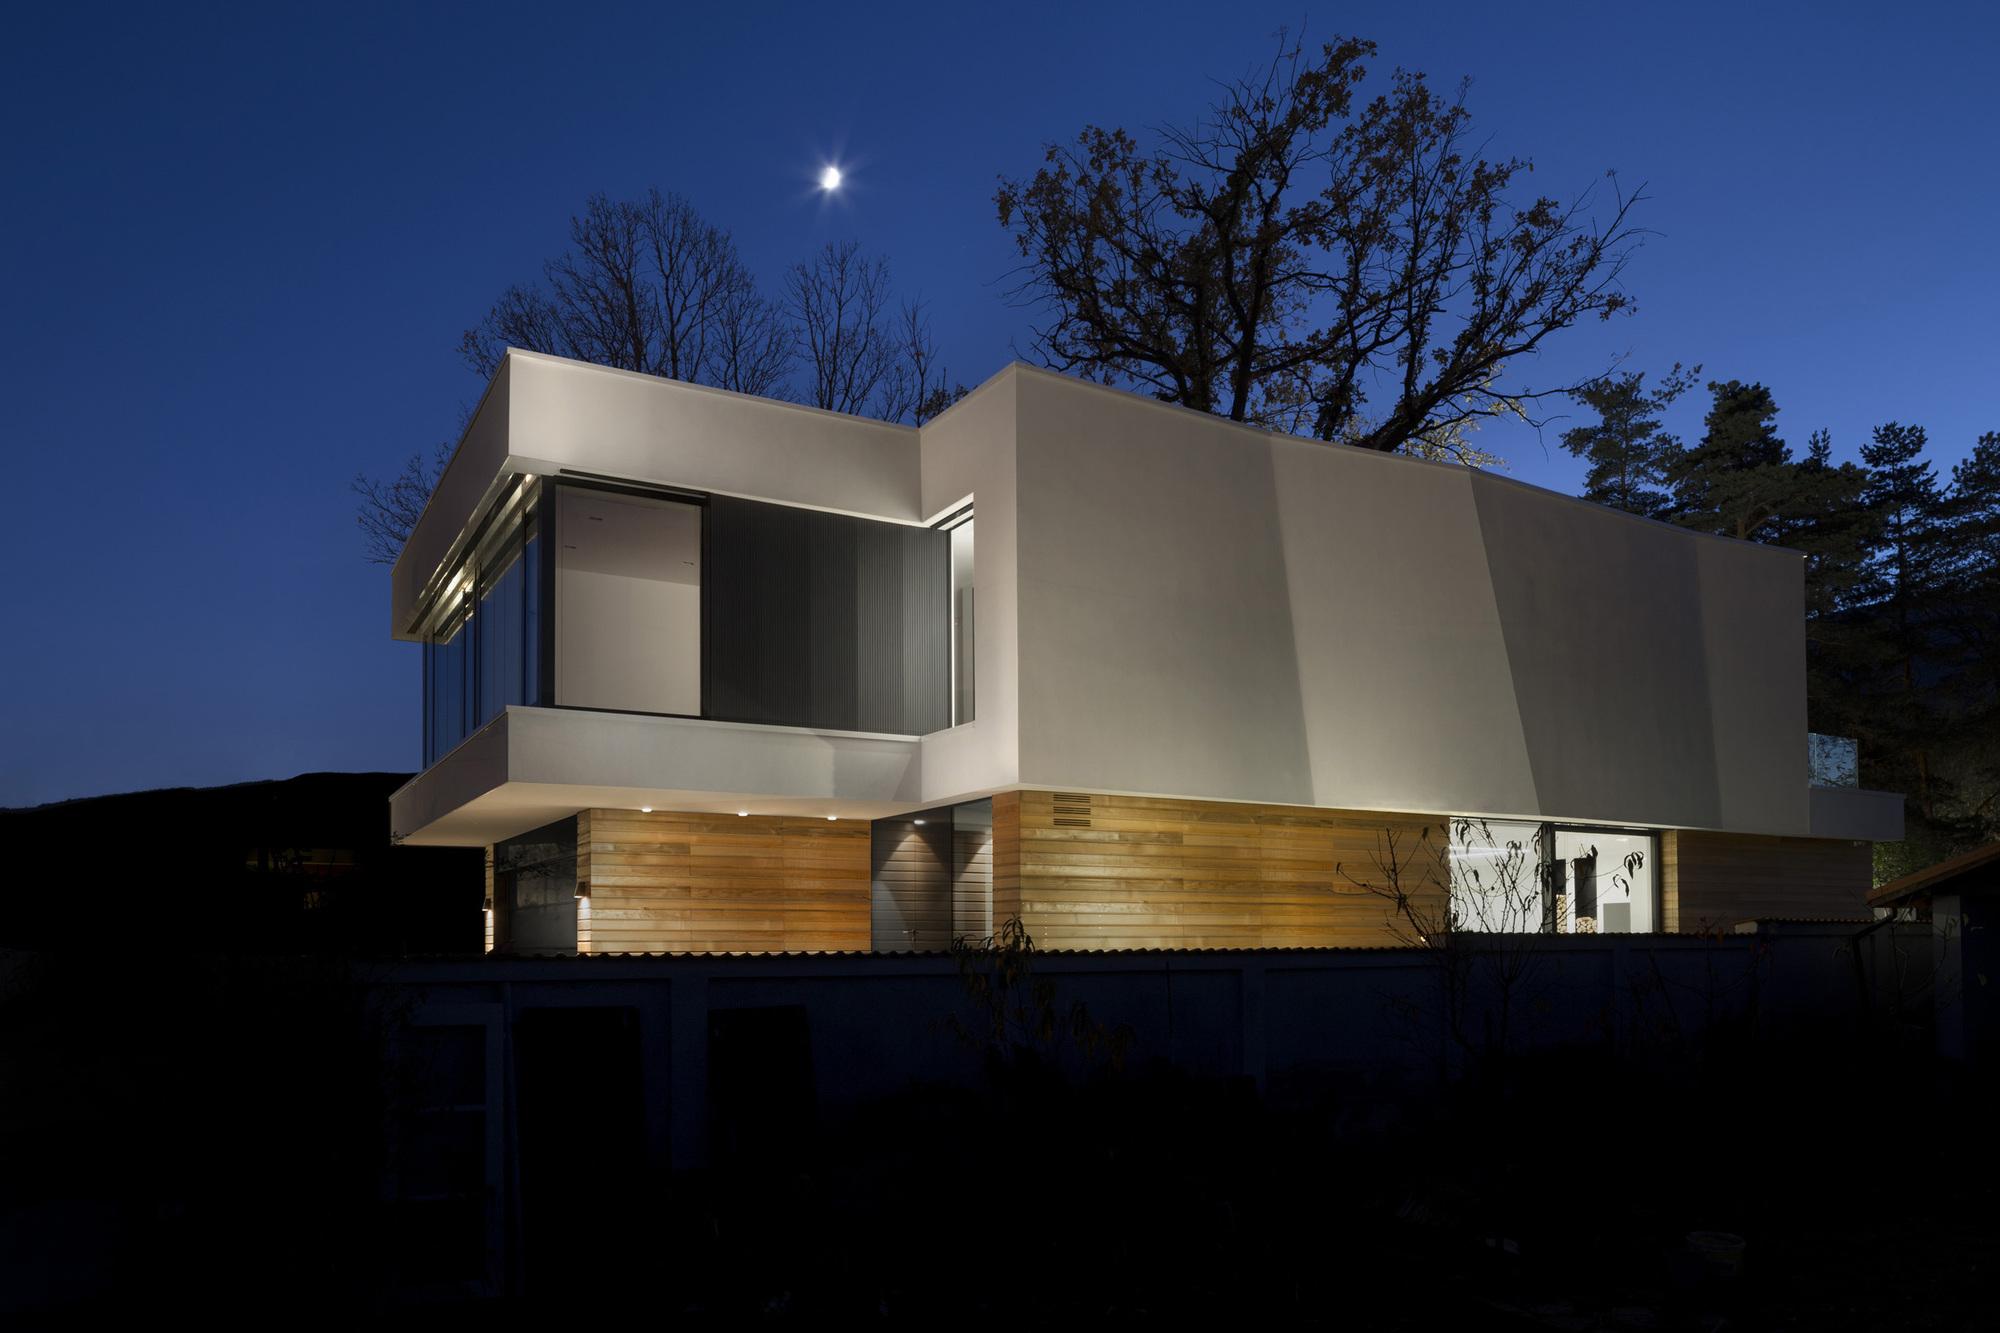 2-oaks-house-obia_obia_2oaks_image_03_georgi_ivanov